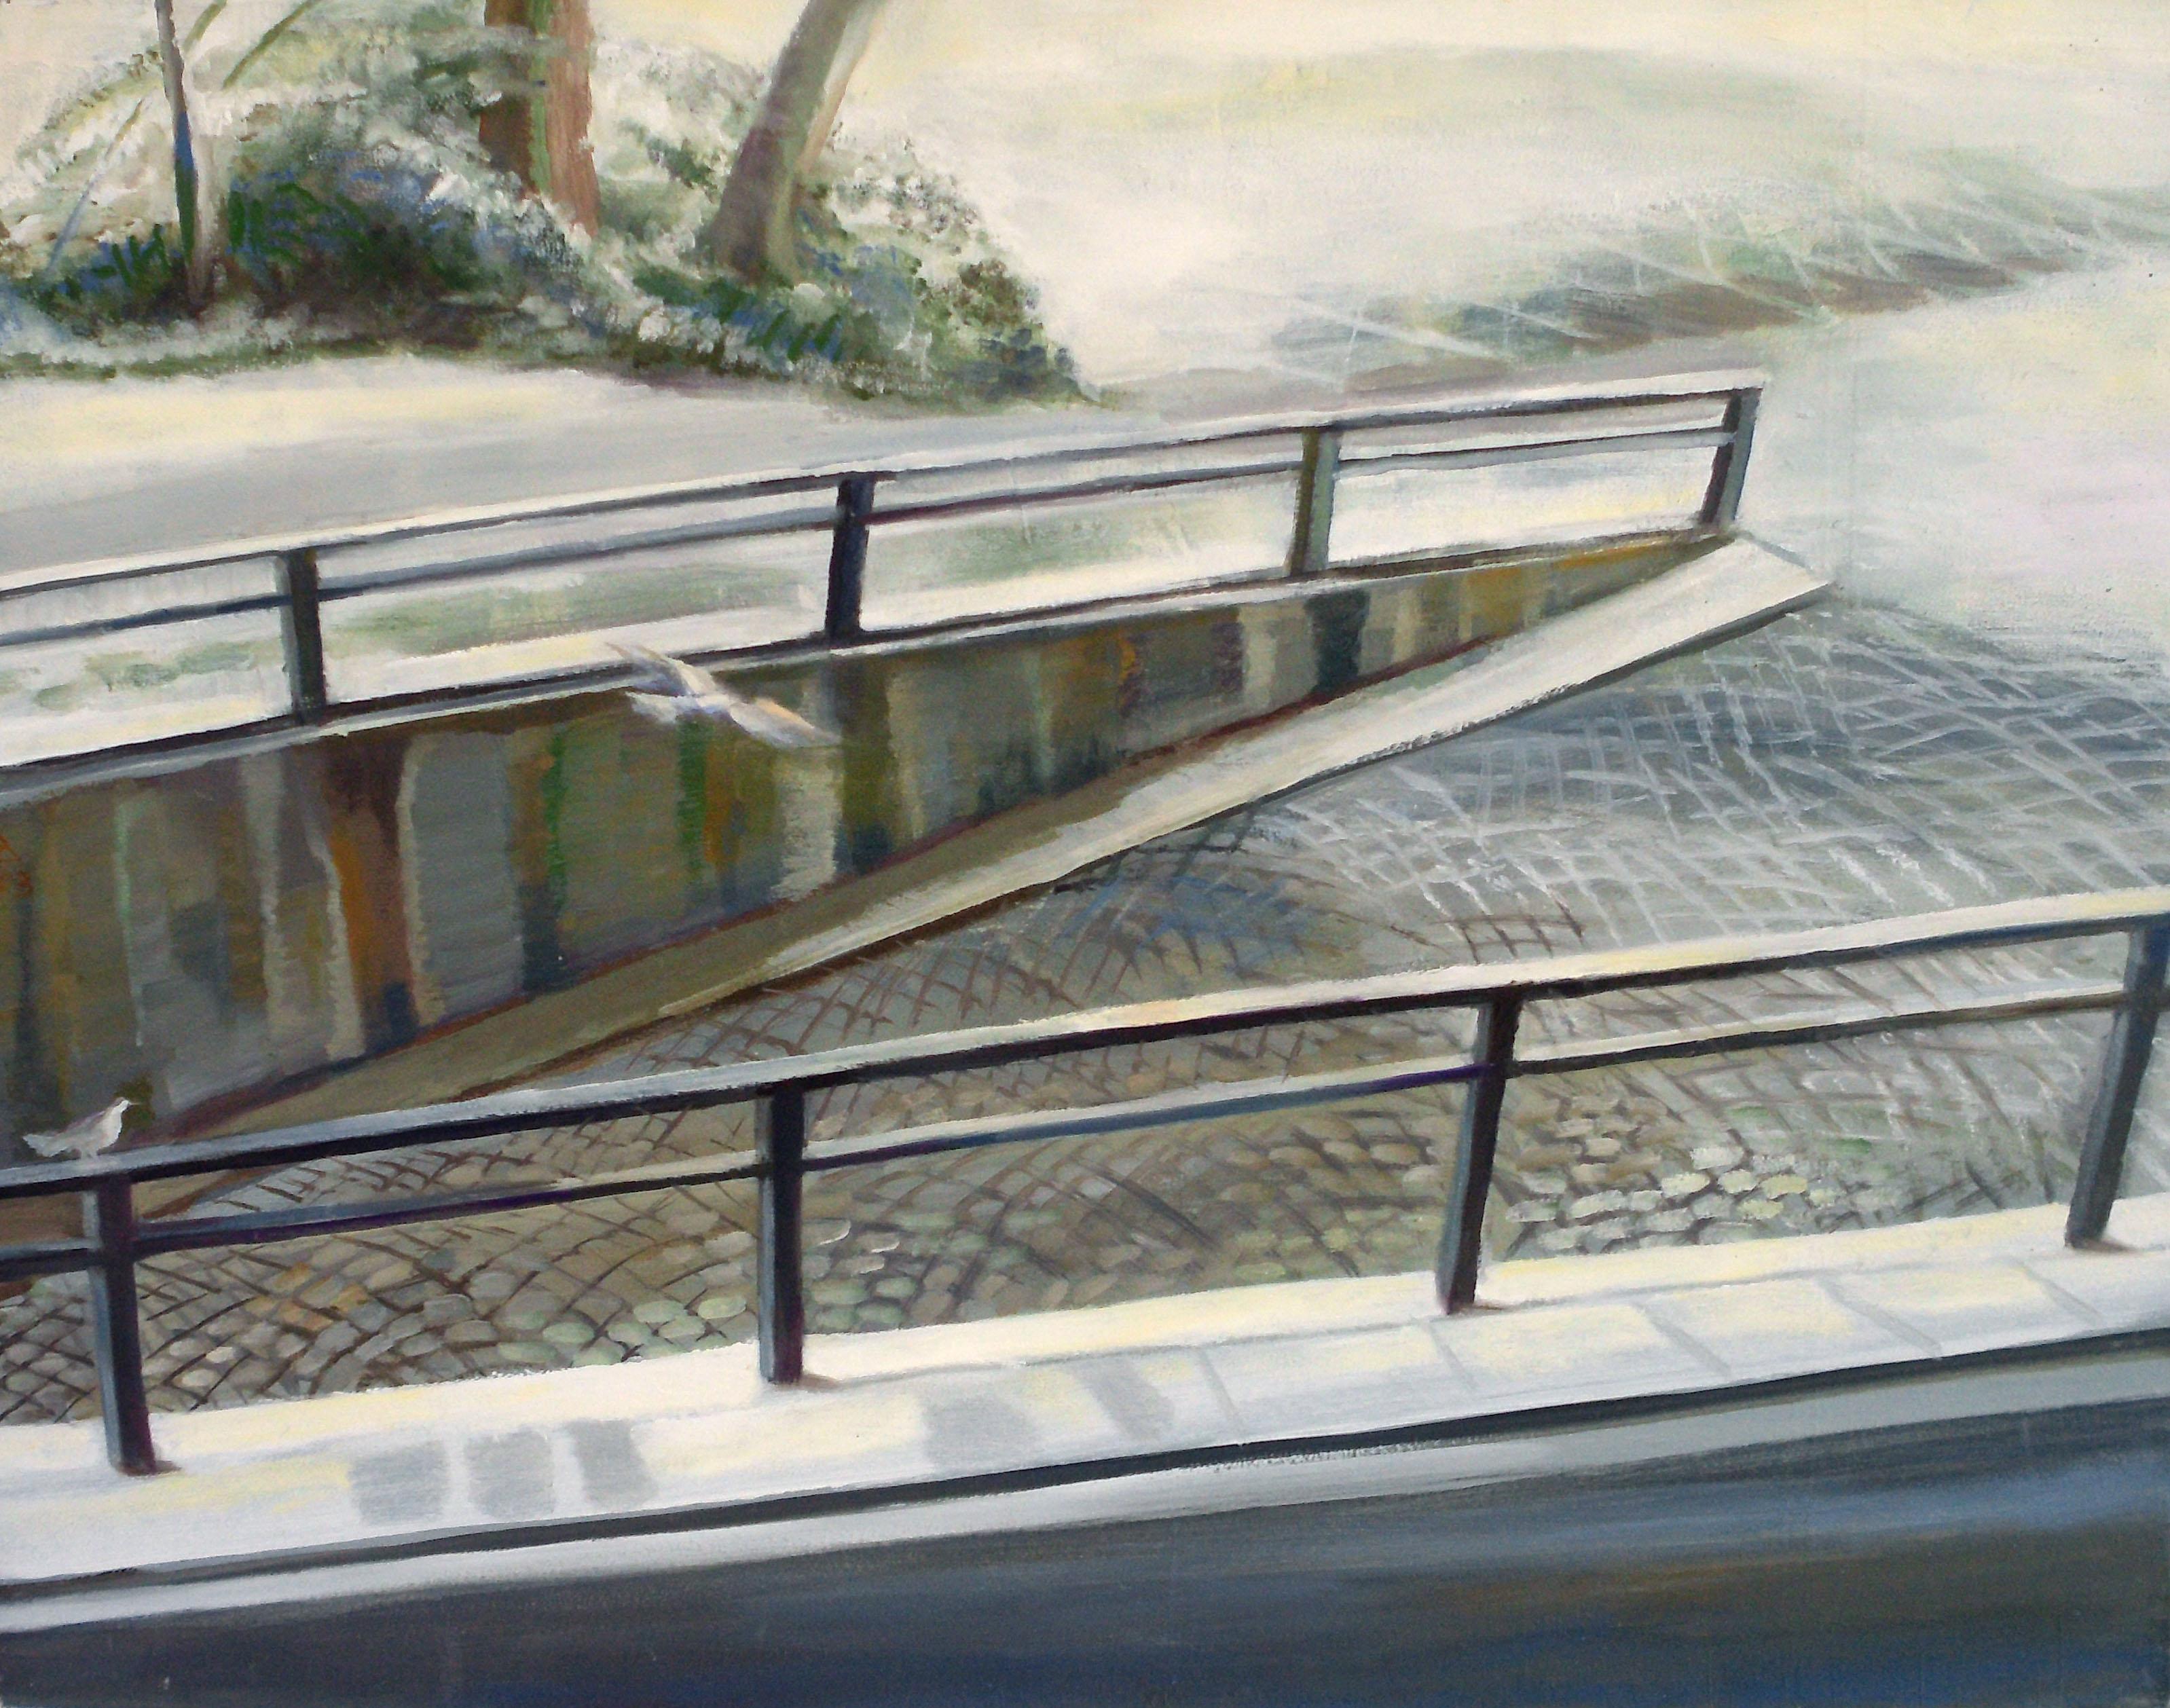 Almut Zielonka - Tiefgarageneinfahrt im Winter | Öl auf Baumwolle | 2003